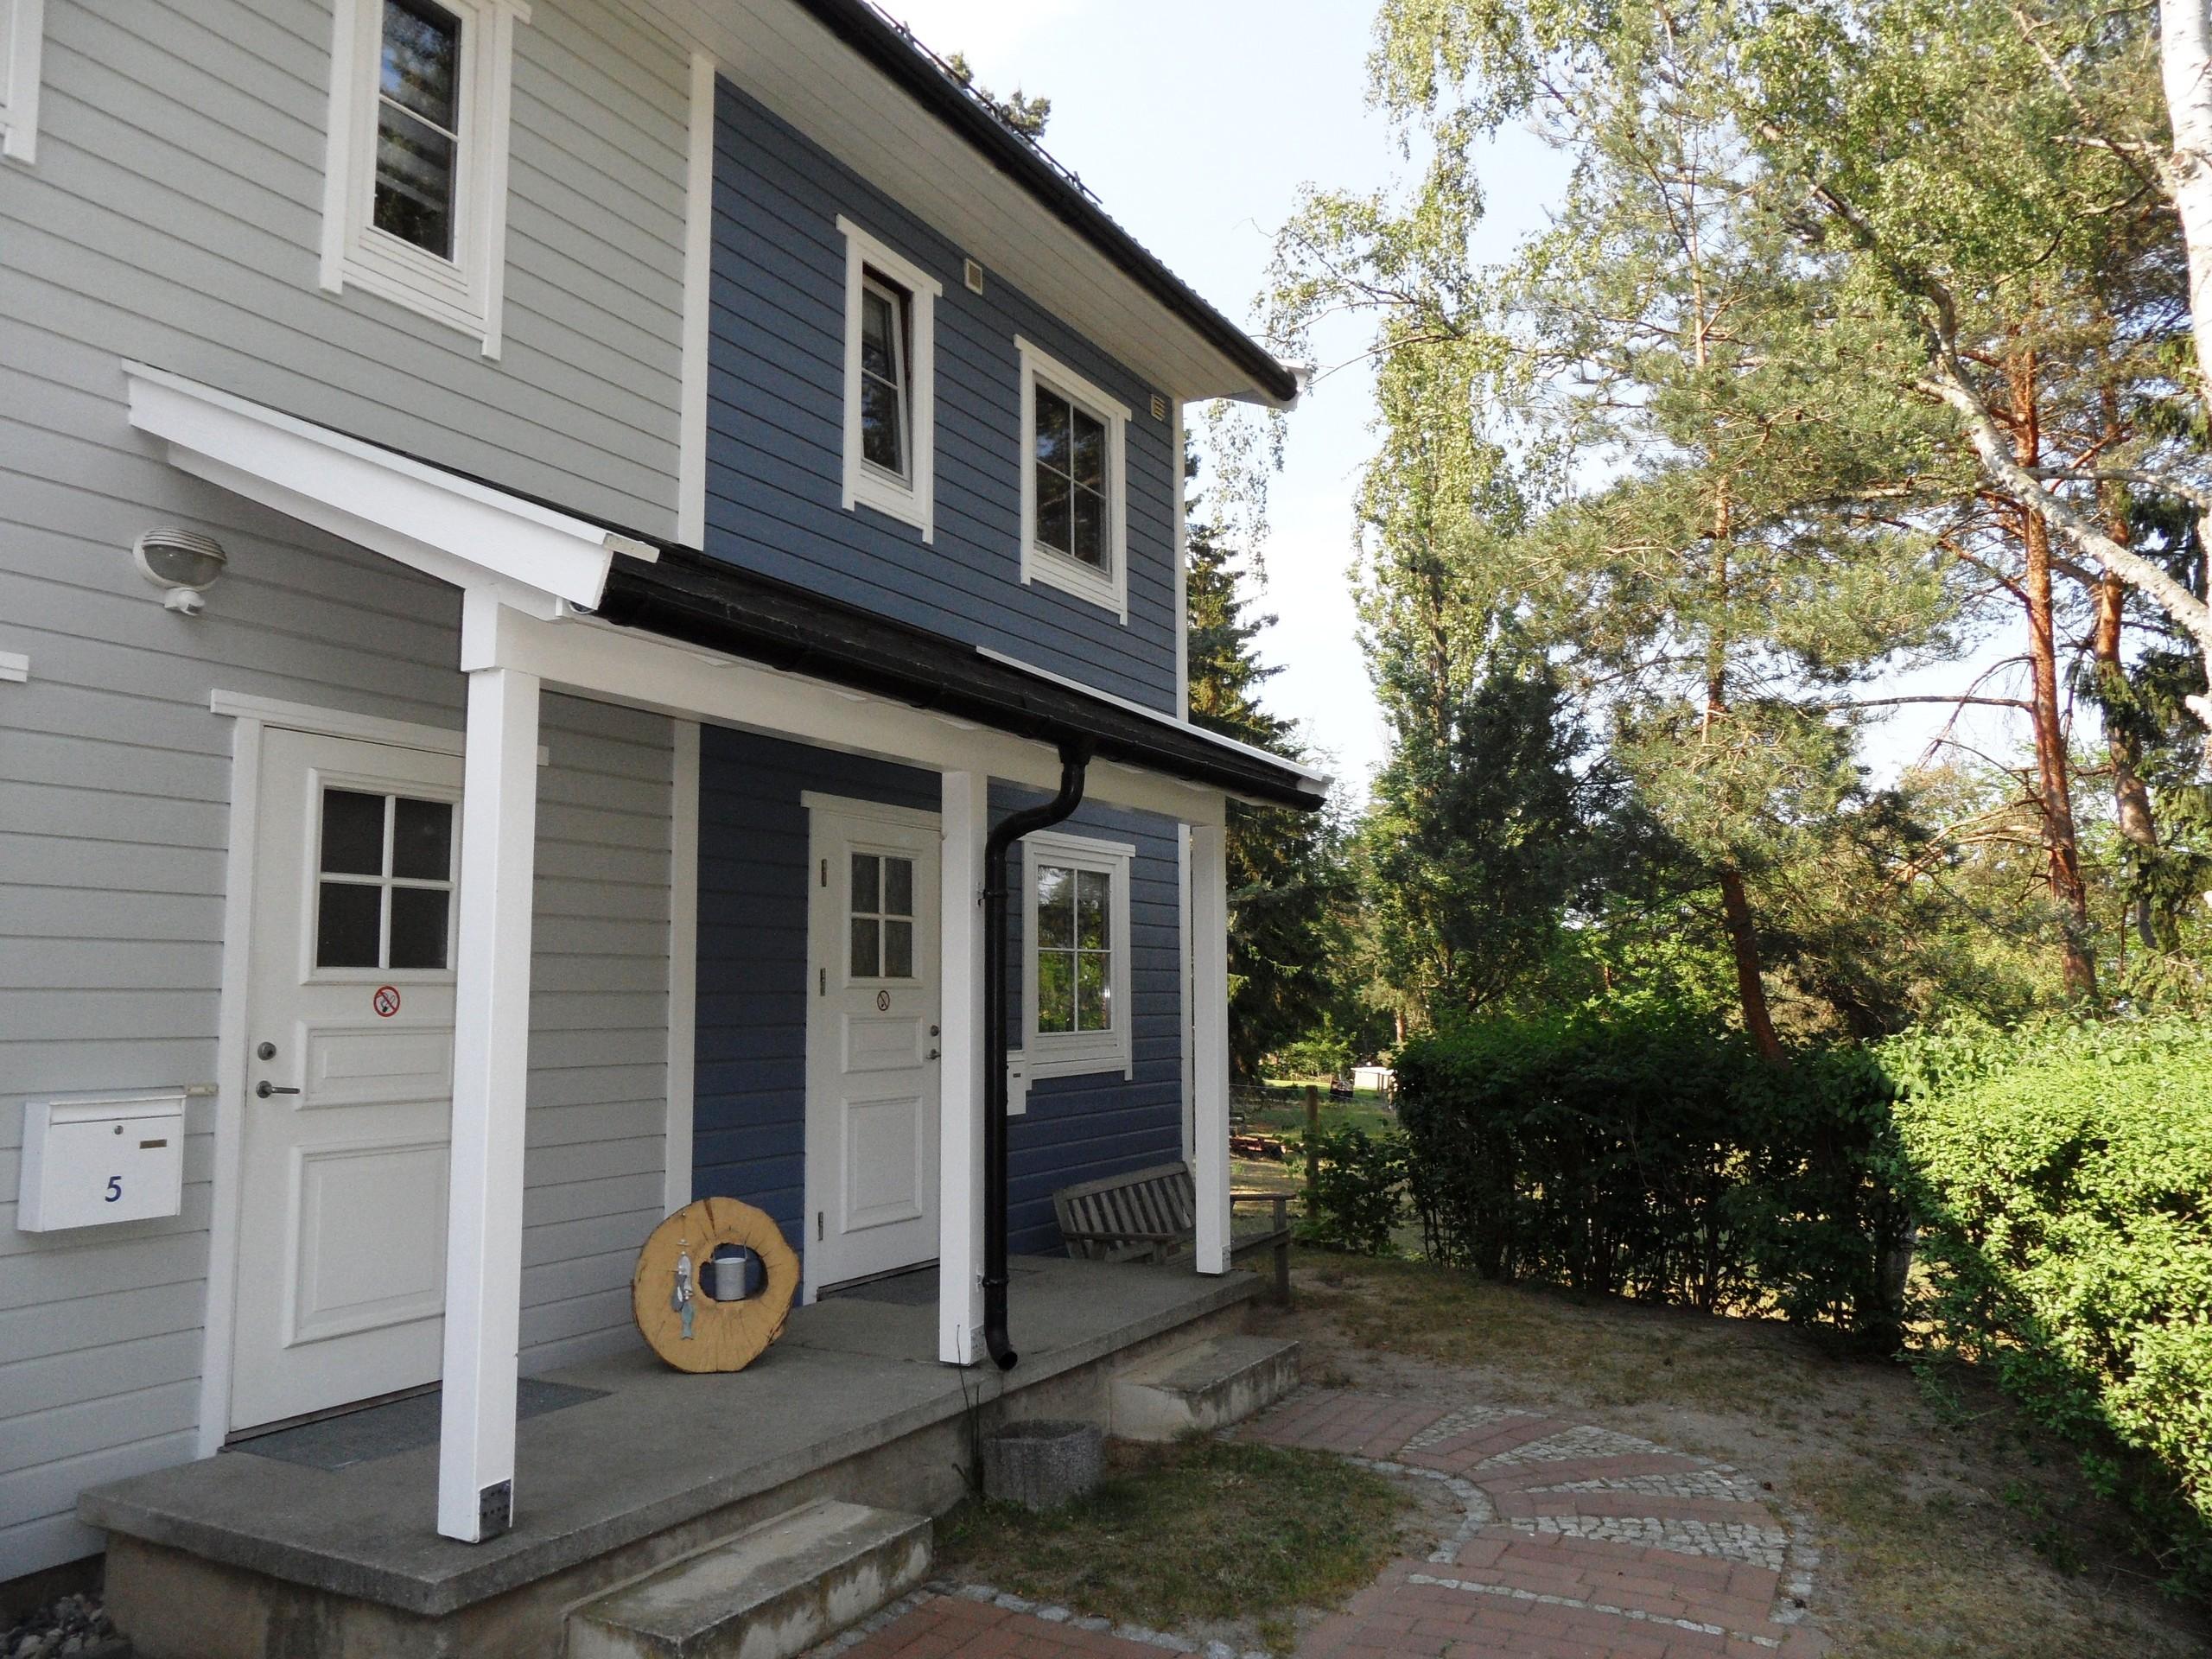 Eingang Haus Nr. 5